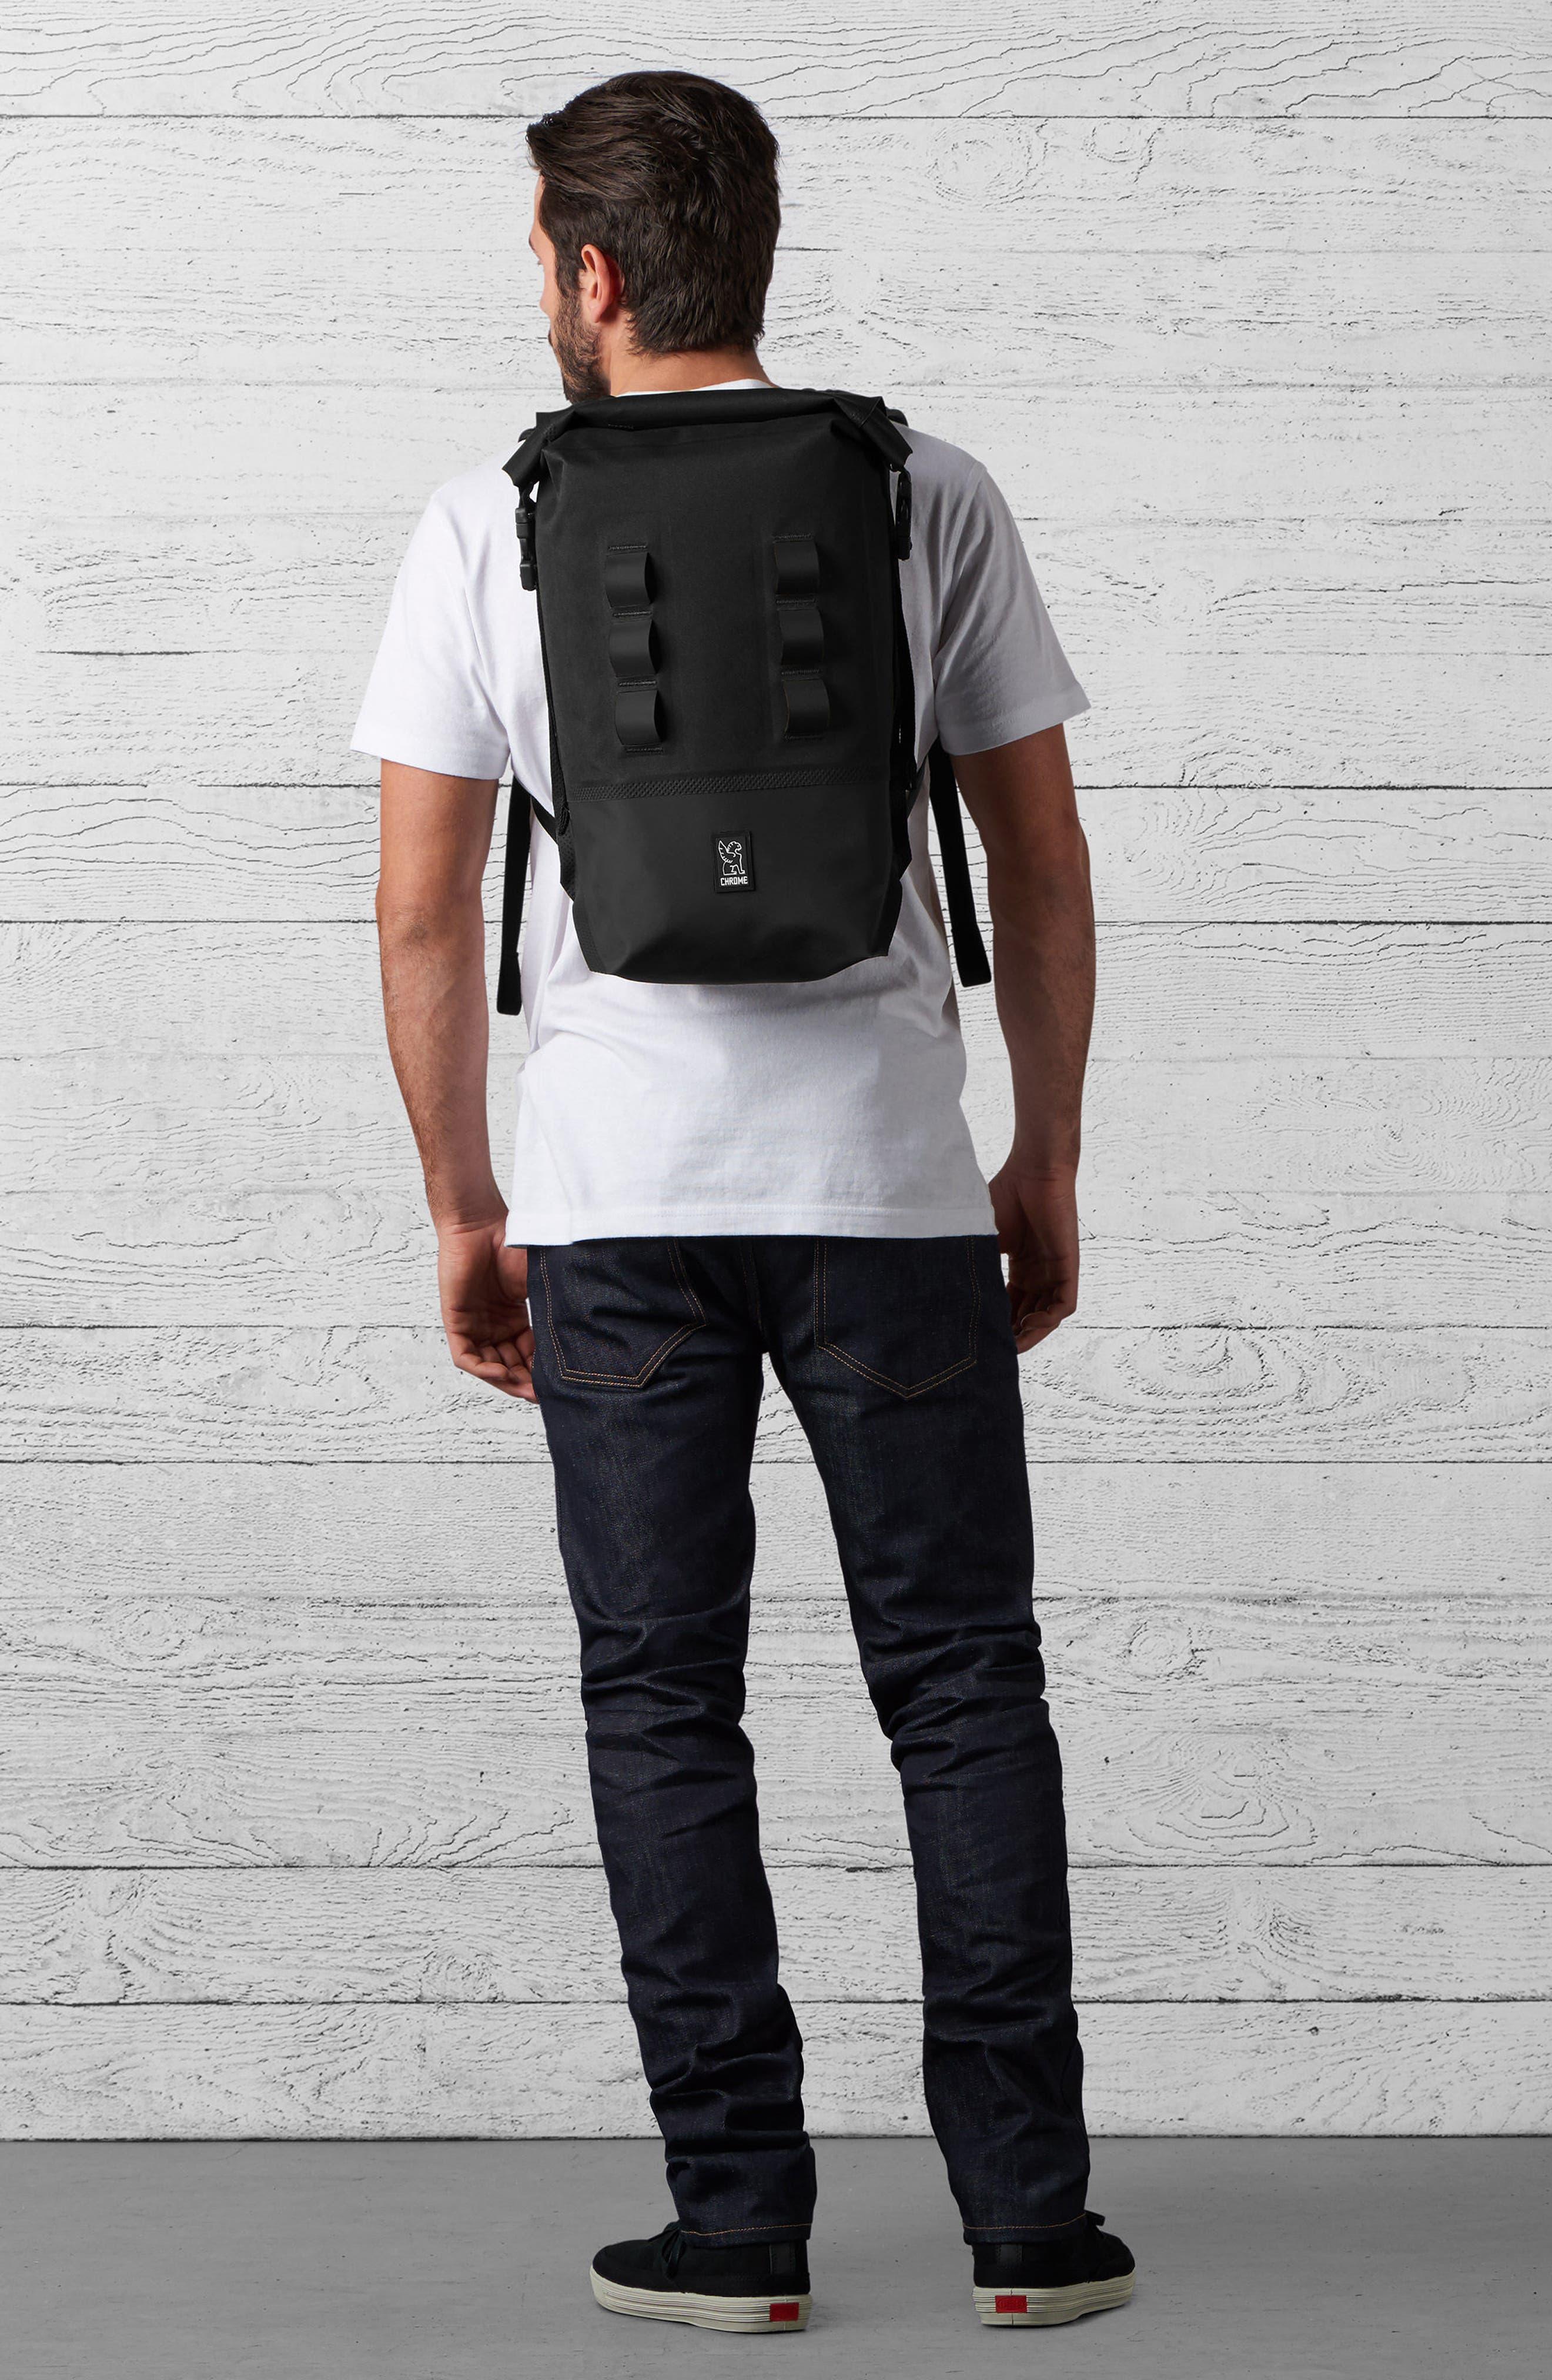 Urban Ex Rolltop Waterproof Backpack,                             Alternate thumbnail 7, color,                             Black/ Black